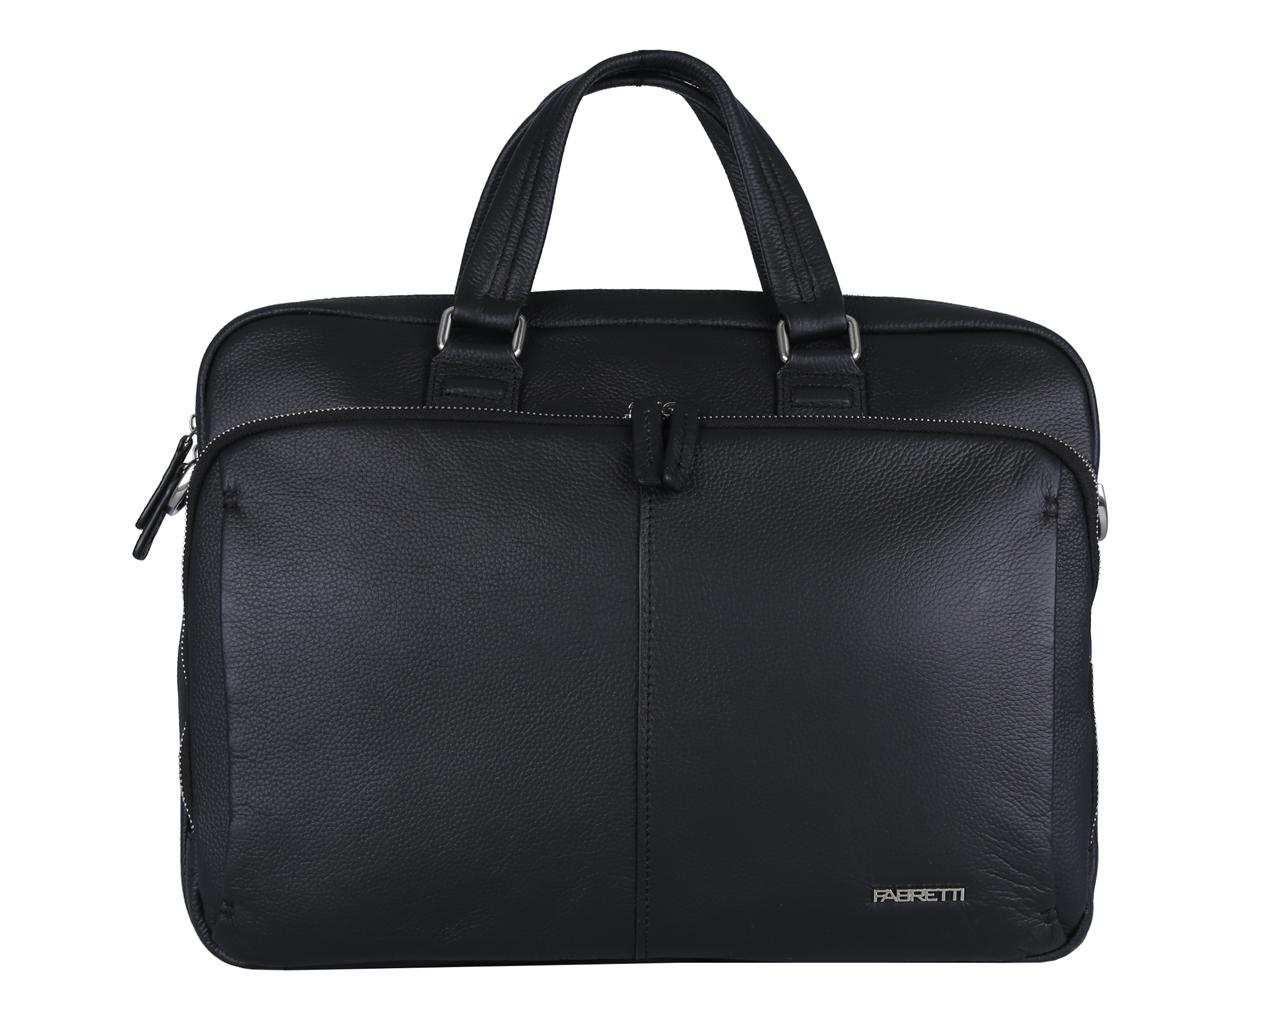 Сумка мужская Fabretti, цвет: черный. 4946FAB-A4946FAB-A-blackСумка мужская Fabretti выполнена из натуральной кожи зернистой фактуры и закрывается на металлическую застежку-молнию. Изделие состоит из двух отделений. Внутренняя часть изделия выполнена из текстиля и натуральной кожи. Основное отделение сумки содержит боковой карман с уплотненной стенкой на липучке для планшета или ноутбука, врезной карман на пластиковой молнии, два нашивных кармана для телефона и мелочей и два держателя для шариковых ручек. Второе отделение менее вместительное, подходит для документов и застегивается на металлическую застежку-молнию. На тыльной стороне сумки расположен дополнительный врезной карман на молнии. Сумка декорирована металлической надписью логотипа бренда. Изделие оснащено удобными ручками для переноски. Прилагаются наплечный ремень регулируемой длины и фирменный текстильный чехол для хранения. Функциональная мужская сумка Fabretti станет стильным аксессуаром для делового мужчины.